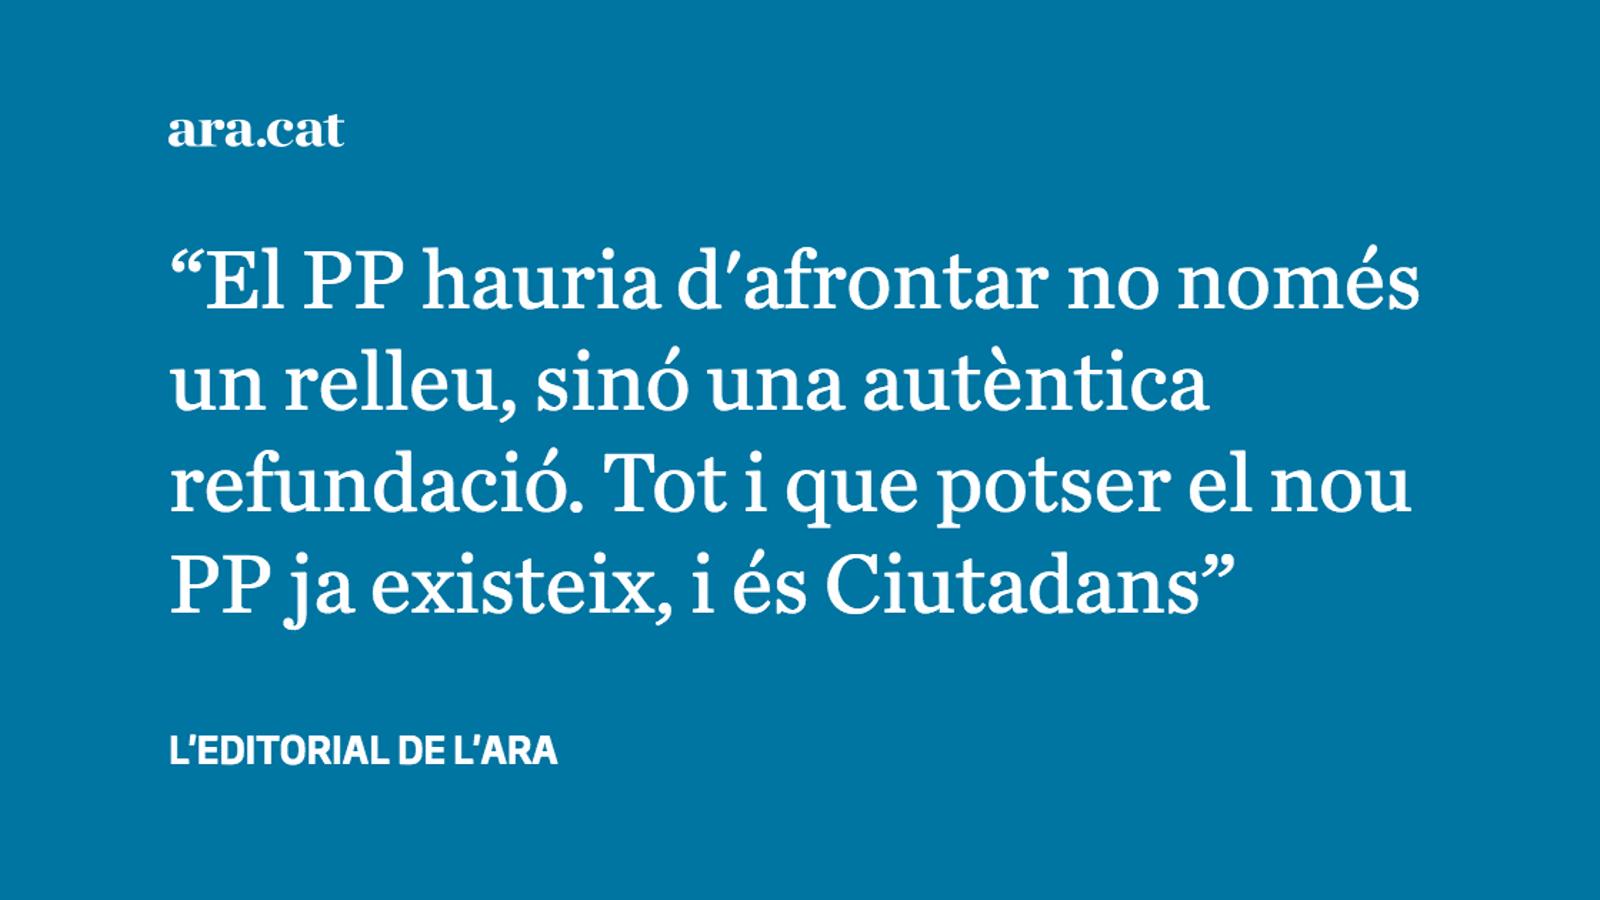 Feijóo, el favorit en la cursa per succeir Rajoy, es descarta